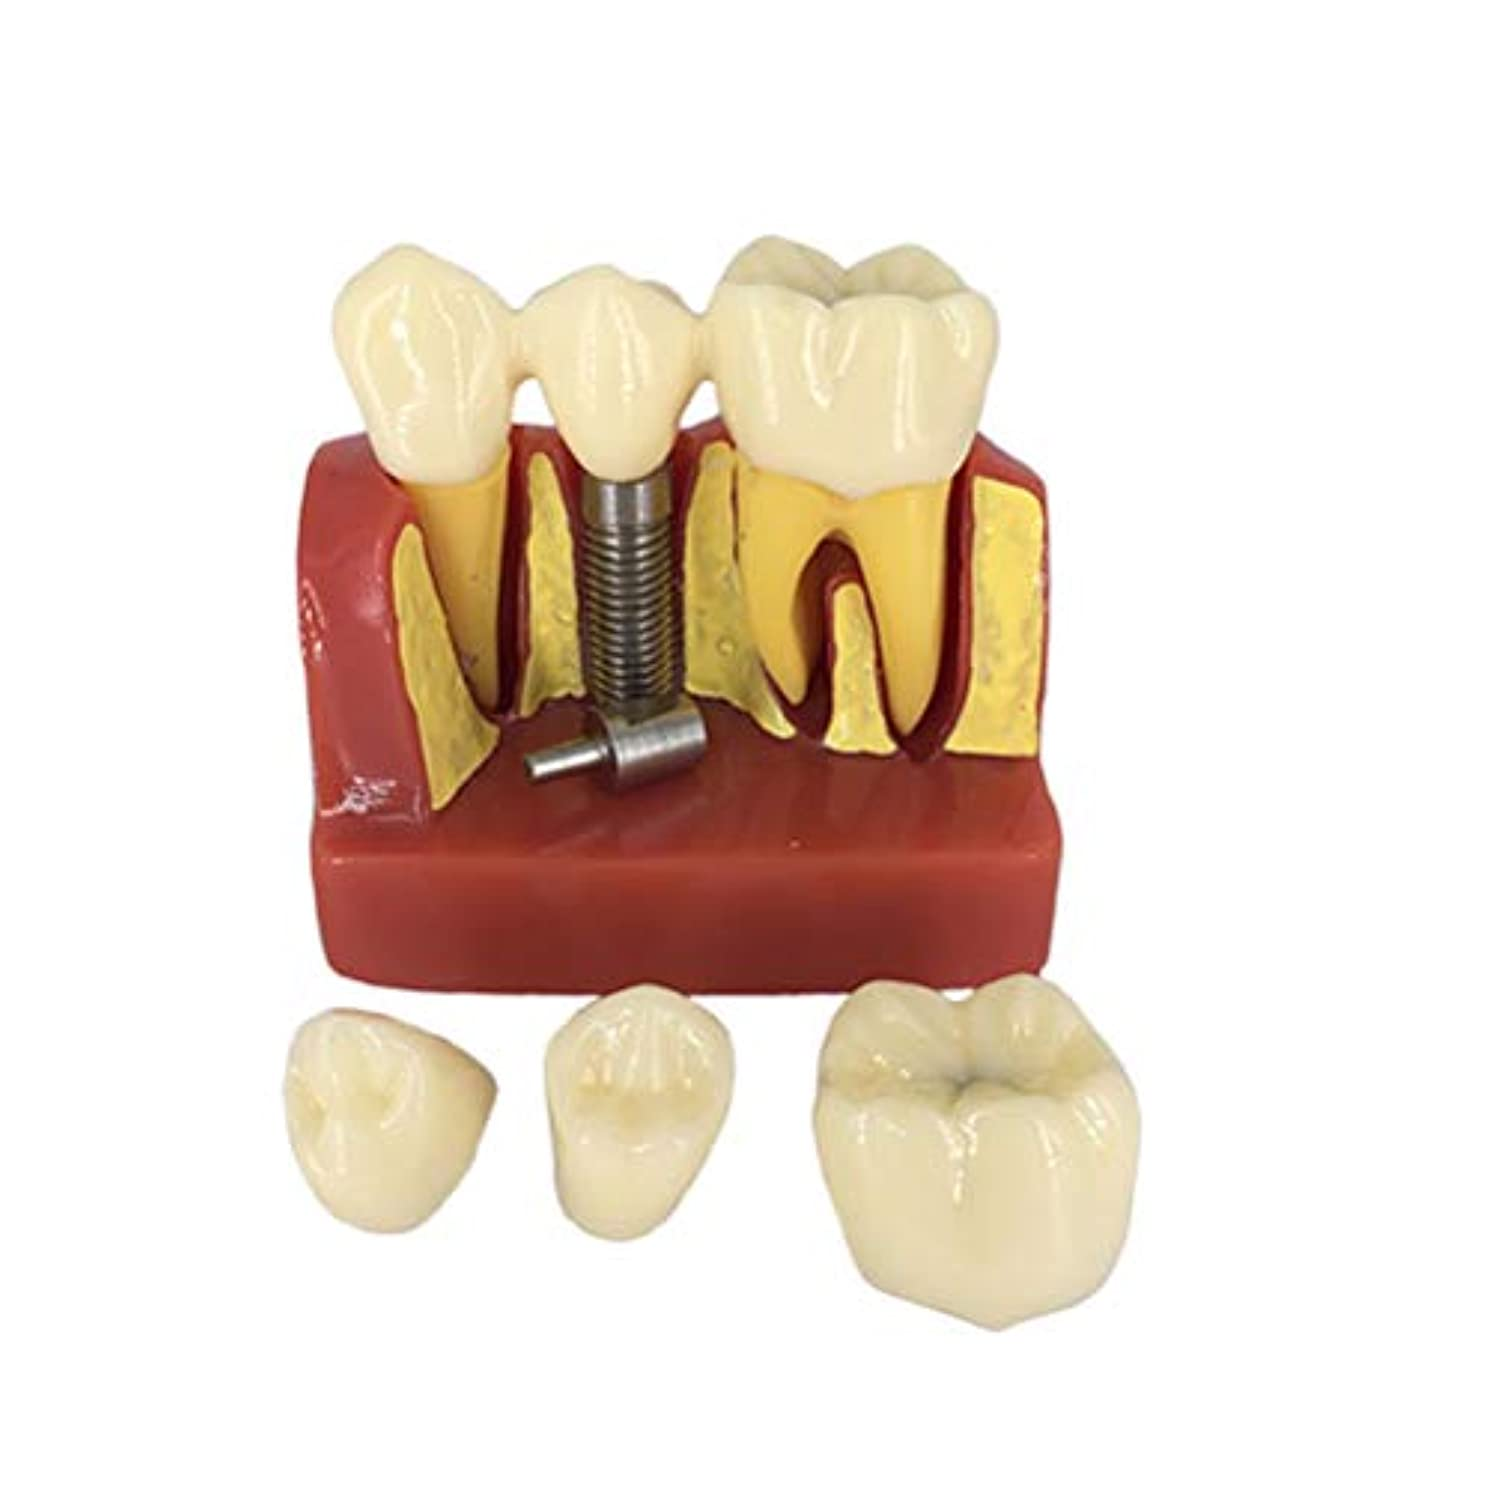 感謝祭四回ミュウミュウHEALIFTY デンタルデモンストレーション歯モデルデンタルモードを教える標準的な研究